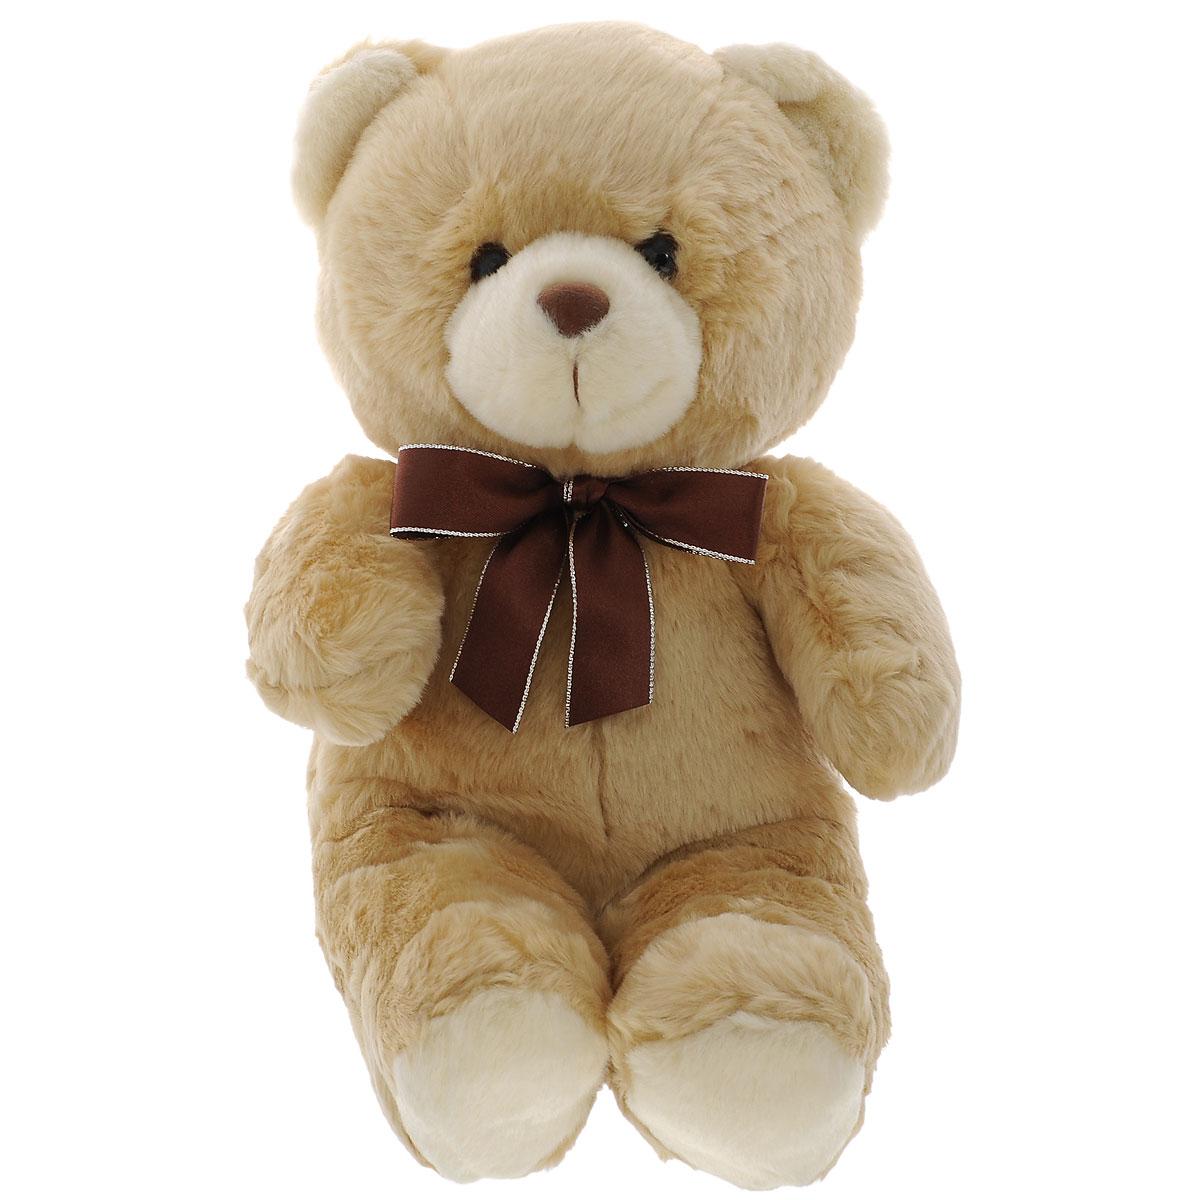 Мягкая игрушка Plush Apple Медведь с бантом, 38 смK13234A1Милая мягкая игрушка Plush Apple Медведь с бантом станет лучшим другом для любого ребенка. Игрушка изготовлена из высококачественных текстильных материалов. Выполнена игрушка в виде привлекательного медвежонка с коричневым бантиком на шее. Глазки и носик изготовлены из пластика. Игрушка невероятно мягкая и приятная на ощупь, вам не захочется выпускать ее из рук. Небольшие размеры позволят малышу всюду брать ее с собой - на прогулку, в детский сад или в поездку.